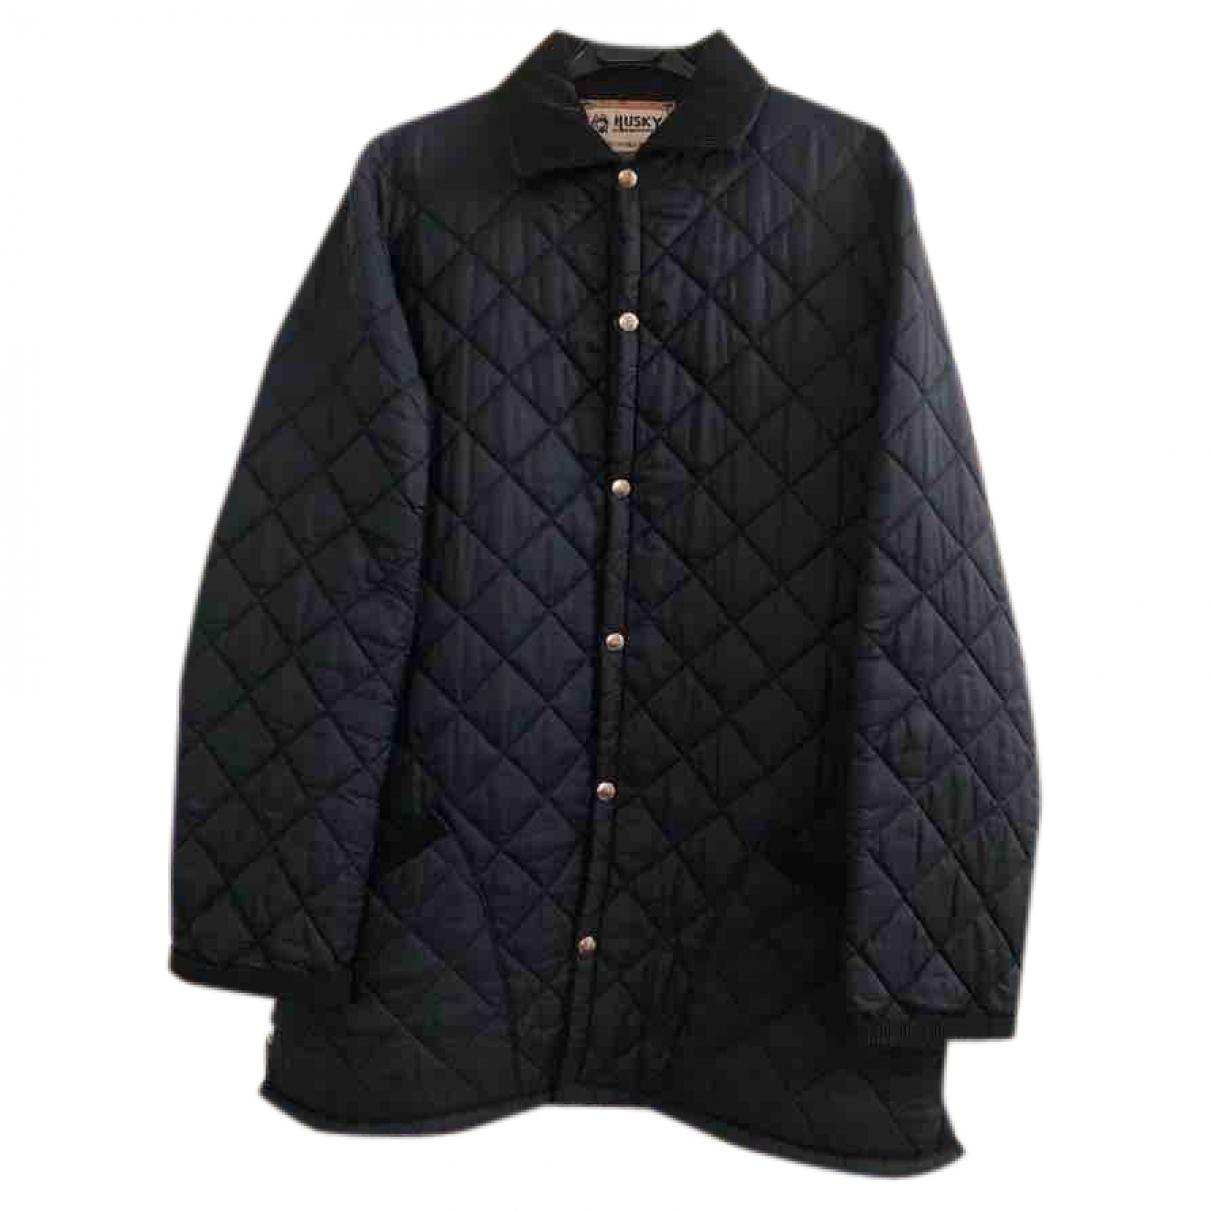 Husky \N Blue jacket  for Men 42 UK - US